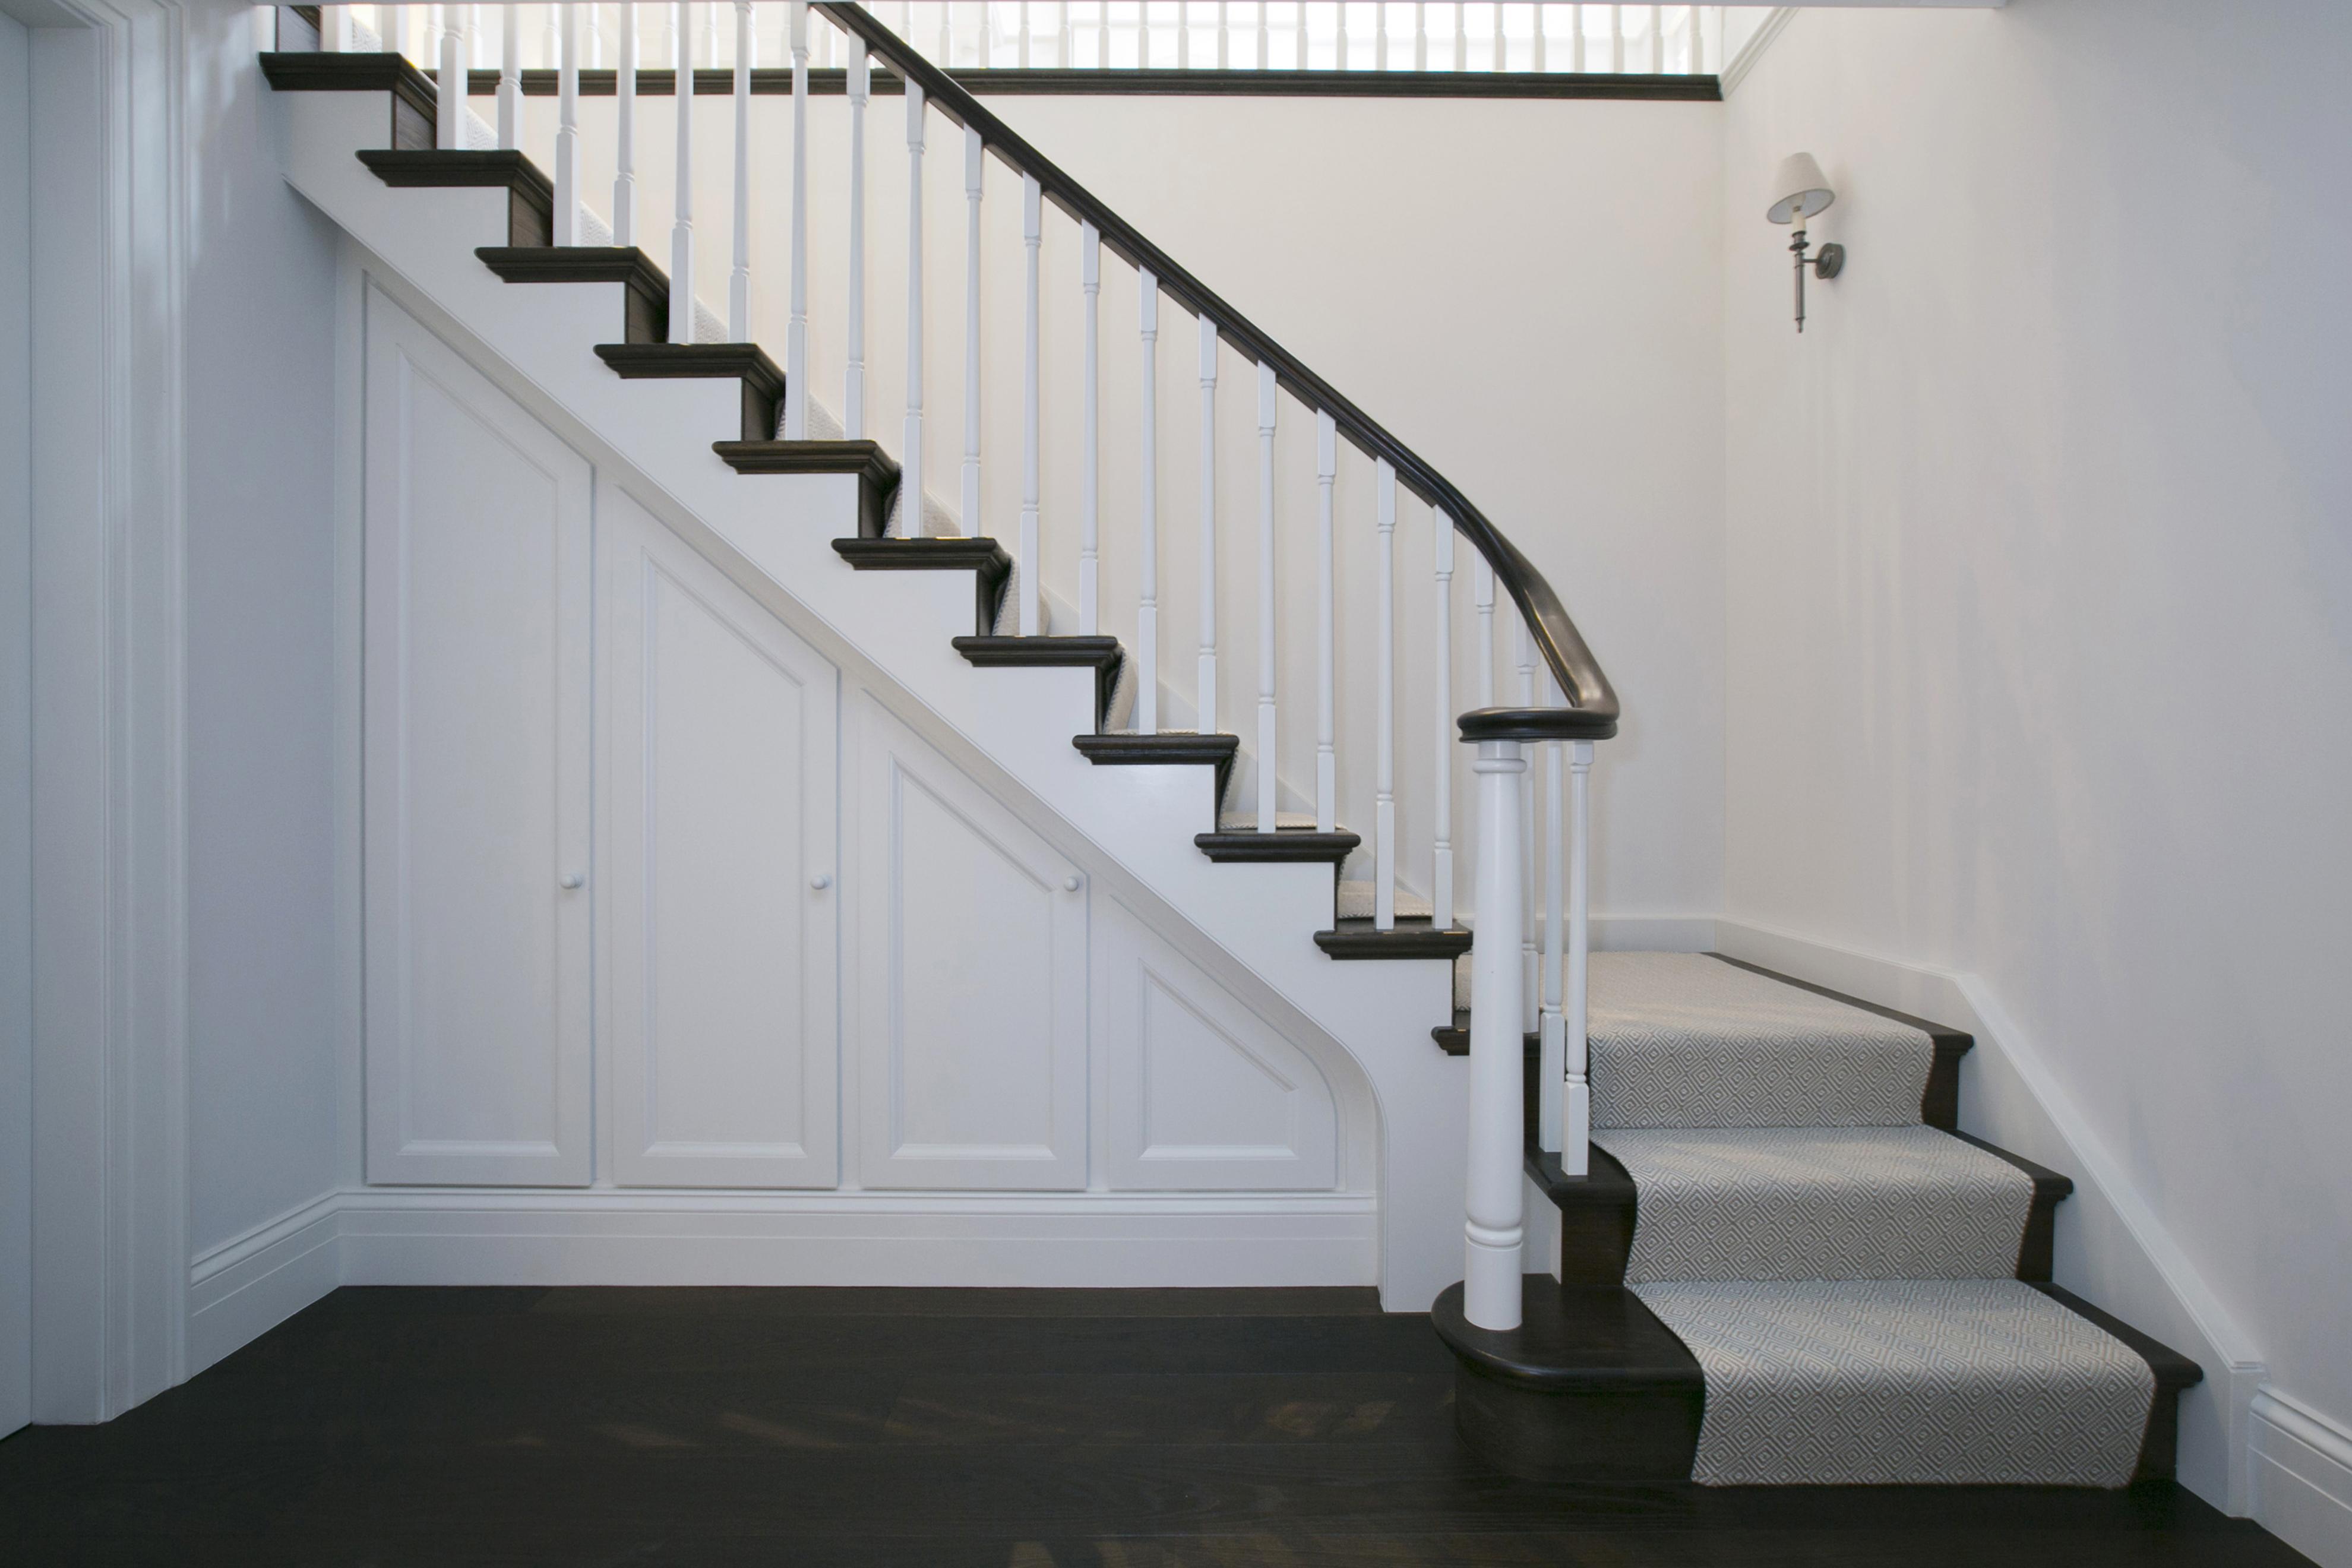 stair runner eg